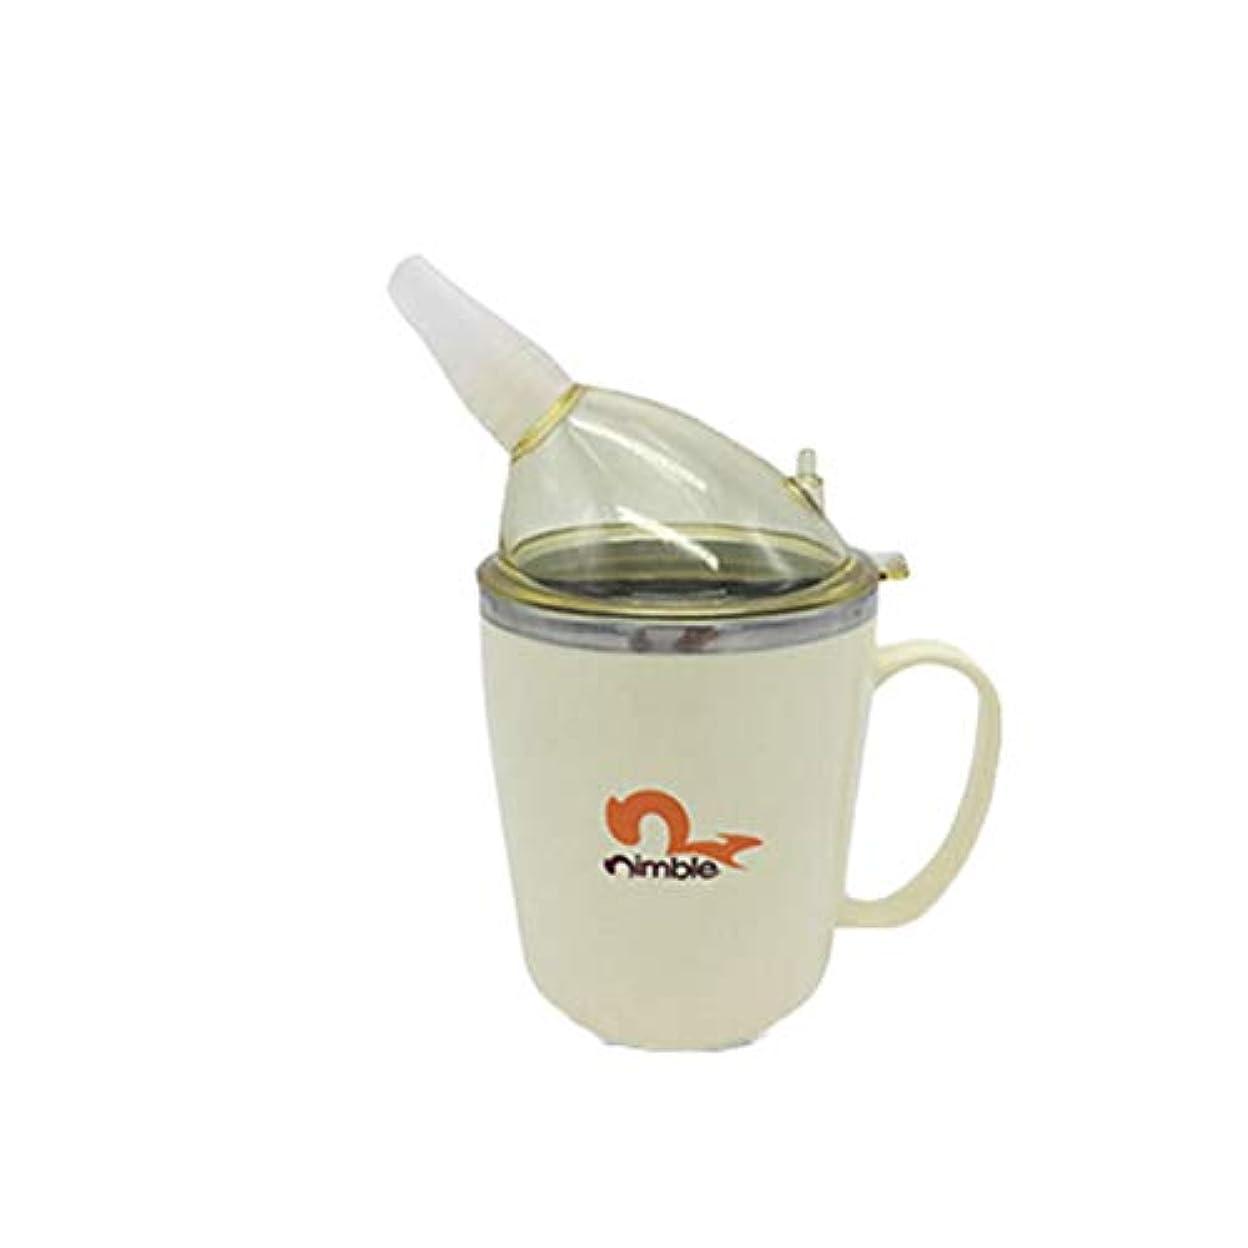 ハチ週末ハードウェアHealifty ふたとわらが付いている大人のシッピーカップ回復期の摂食カップのステンレス鋼のコップ